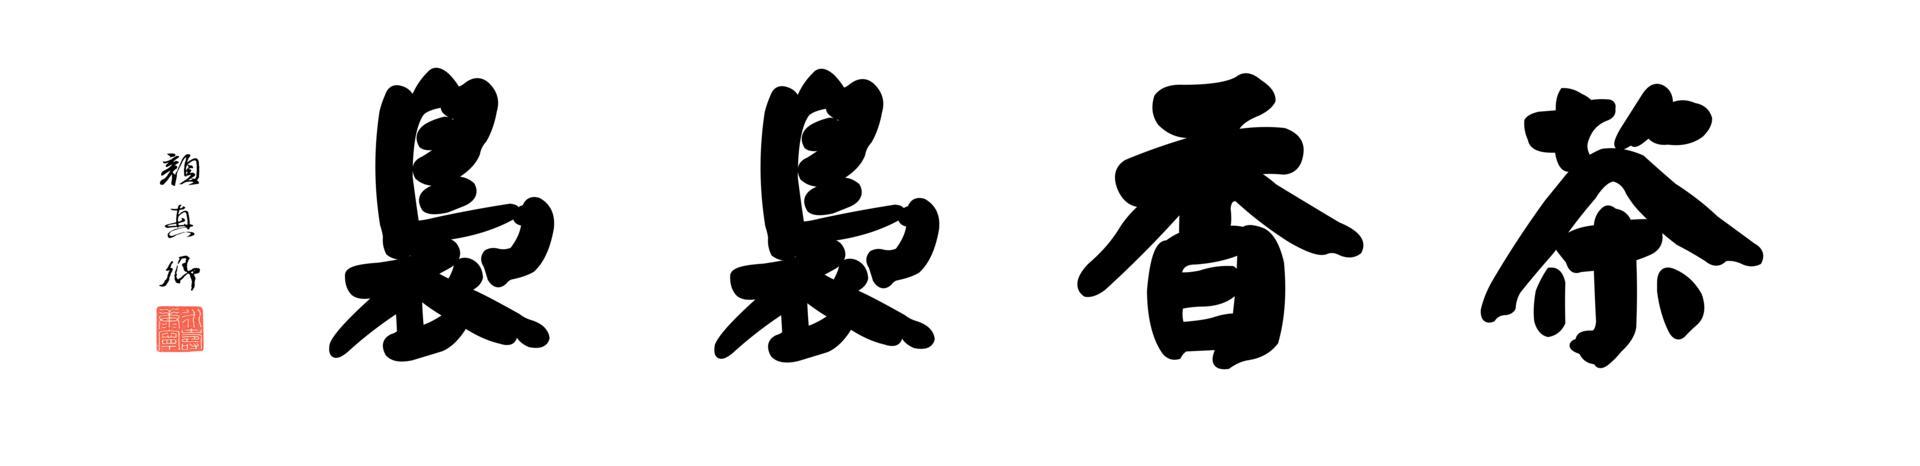 0012_颜真卿大楷数字书法-四字横幅茶香袅袅136x33cm_21417x5197PX_TIF_400DPI_326_0